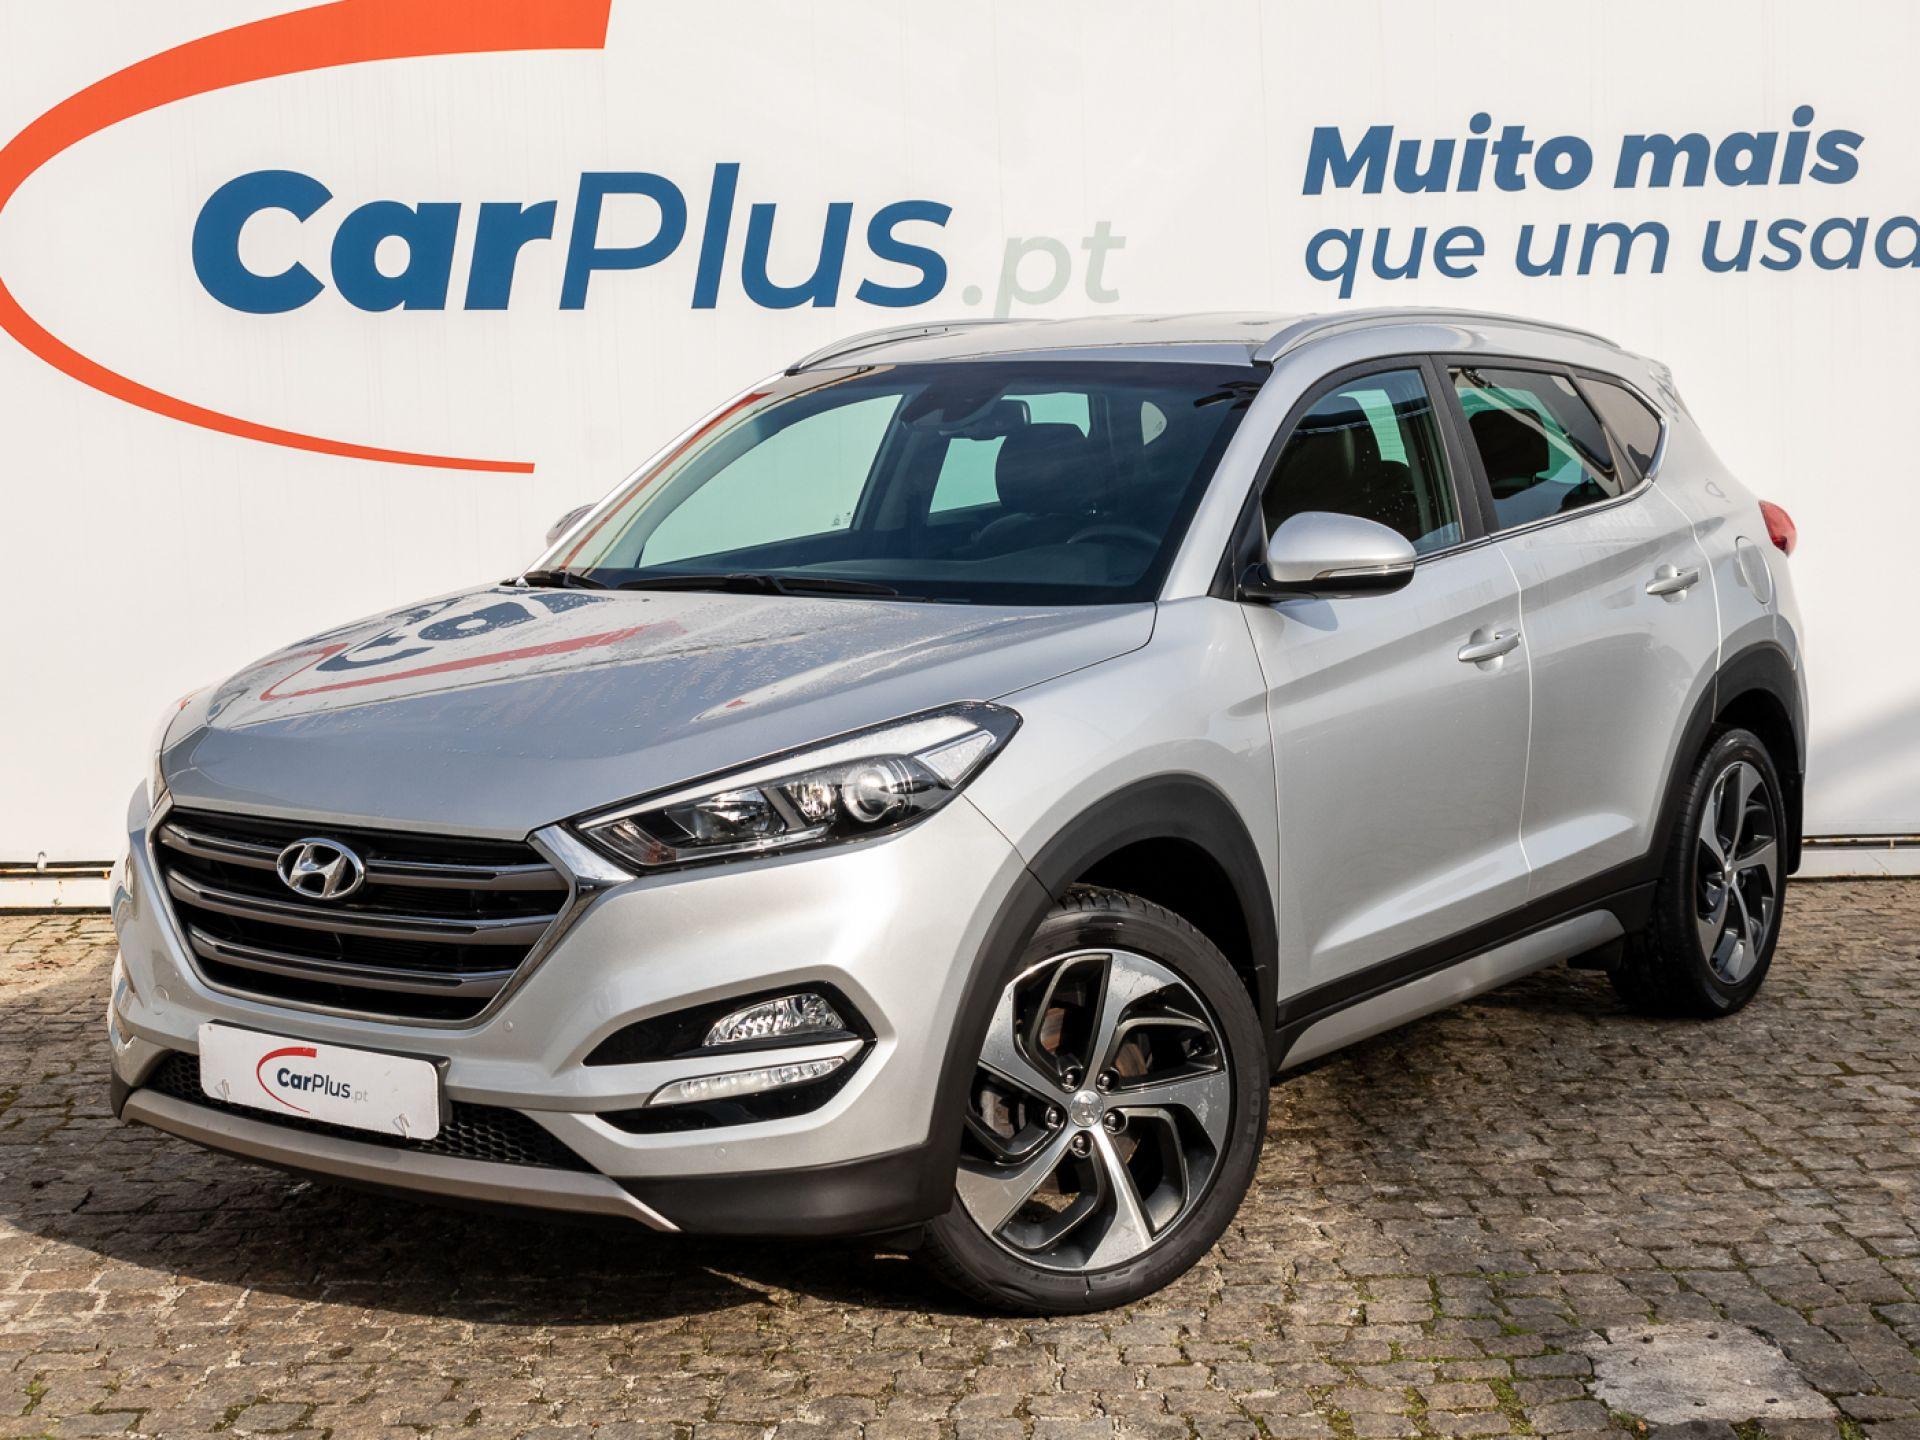 Hyundai Tucson 1.7 CRDi Premium MY18 segunda mão Lisboa